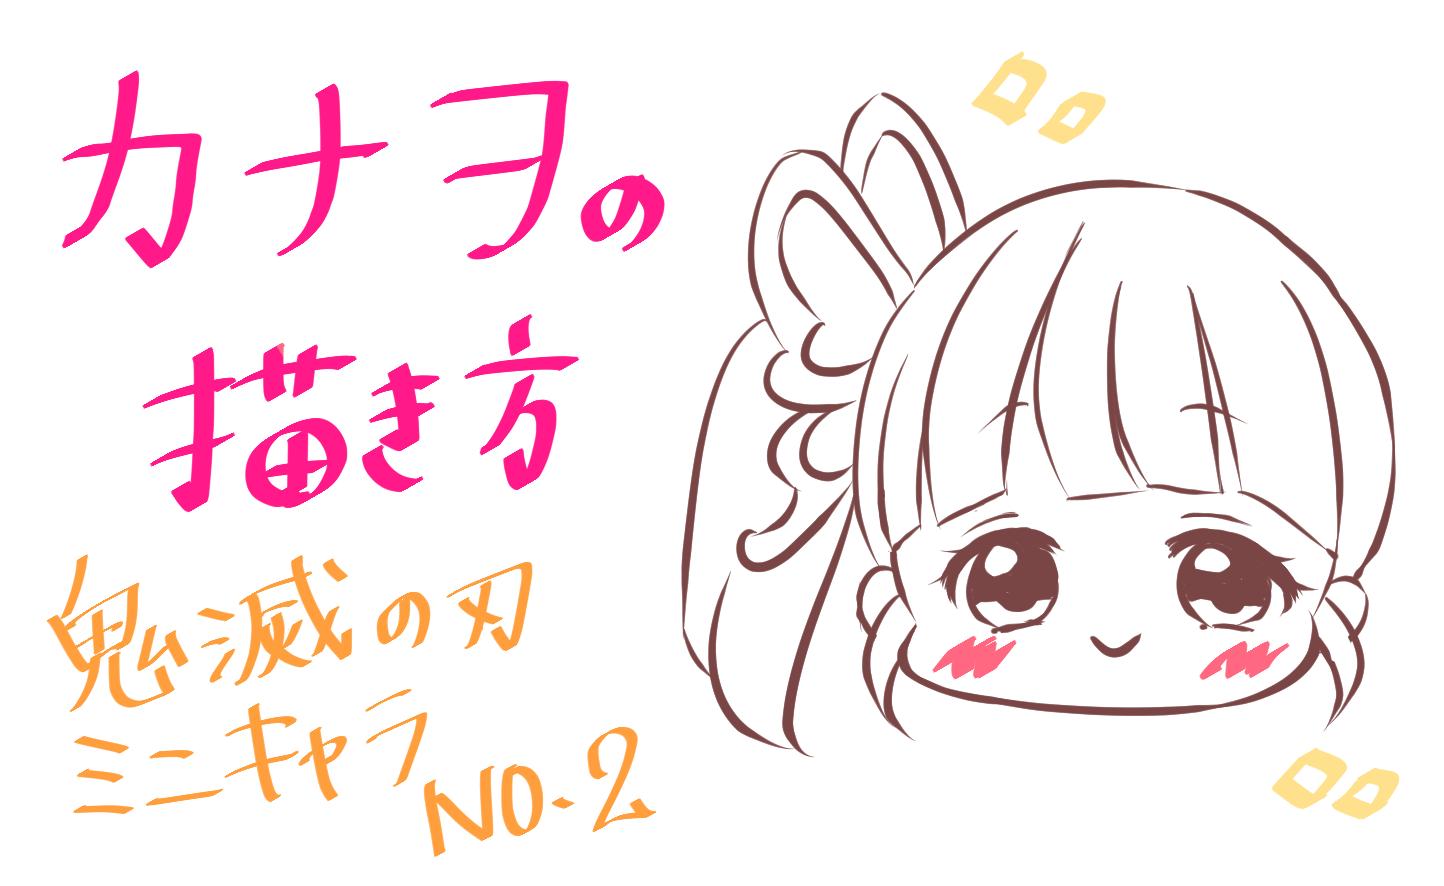 胡蝶カナヲイラスト